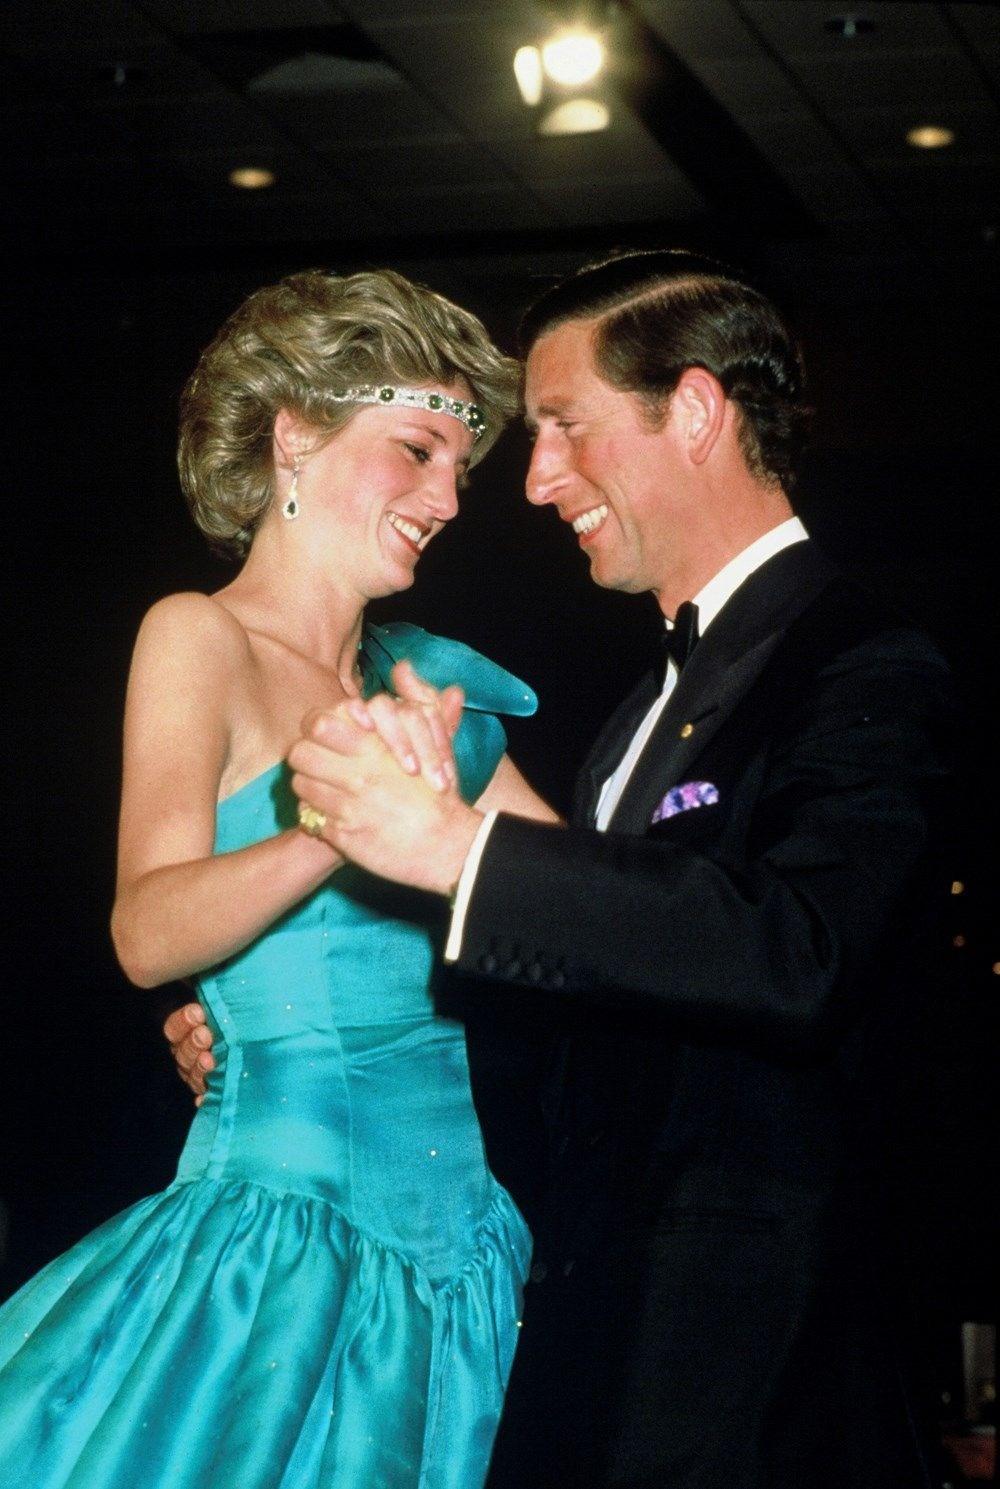 Prenses Diana röportajıyla ilgili yalan 25 yıl sonra ortaya çıktı - 4